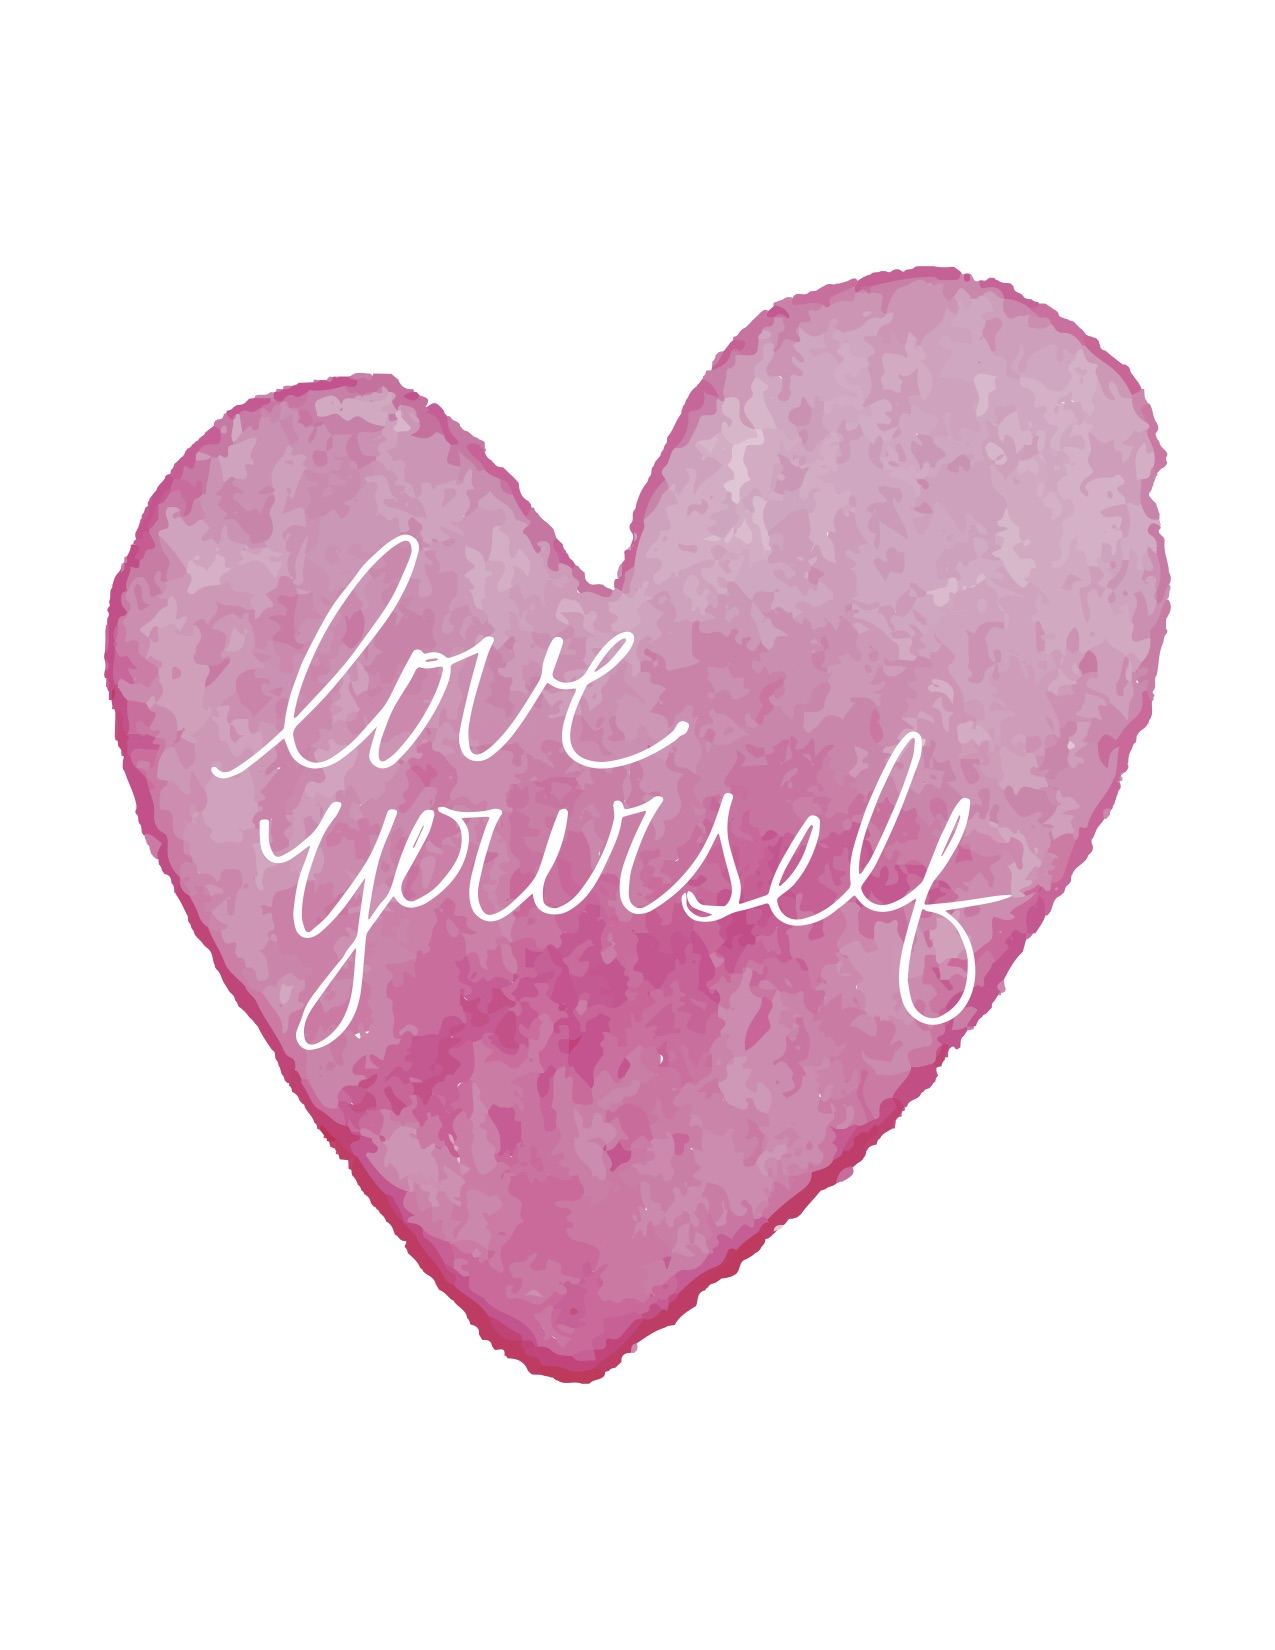 SELF LOVE & SELF CARE